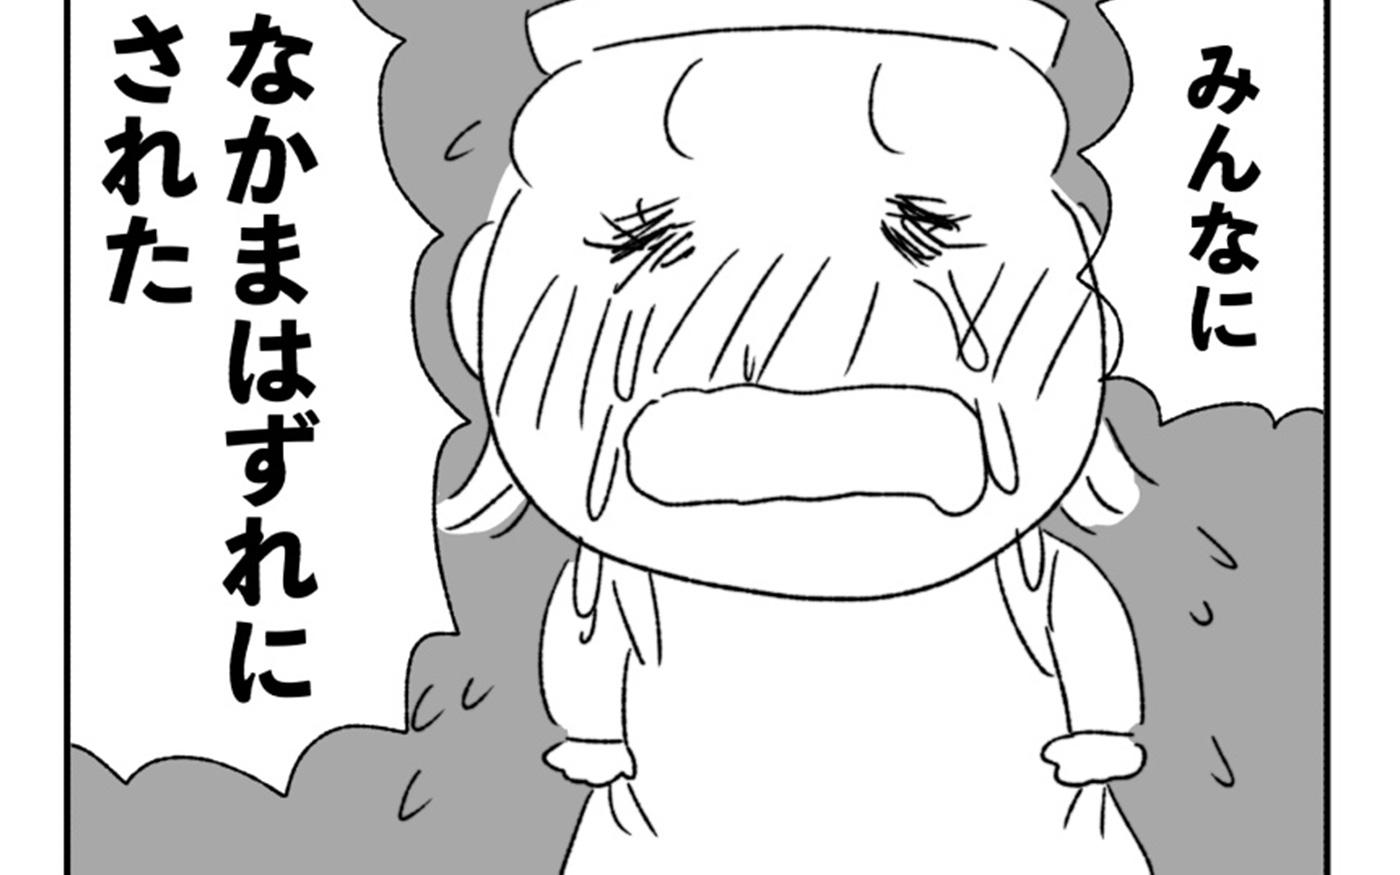 娘が突然泣き出した、幼稚園で一体何があった?